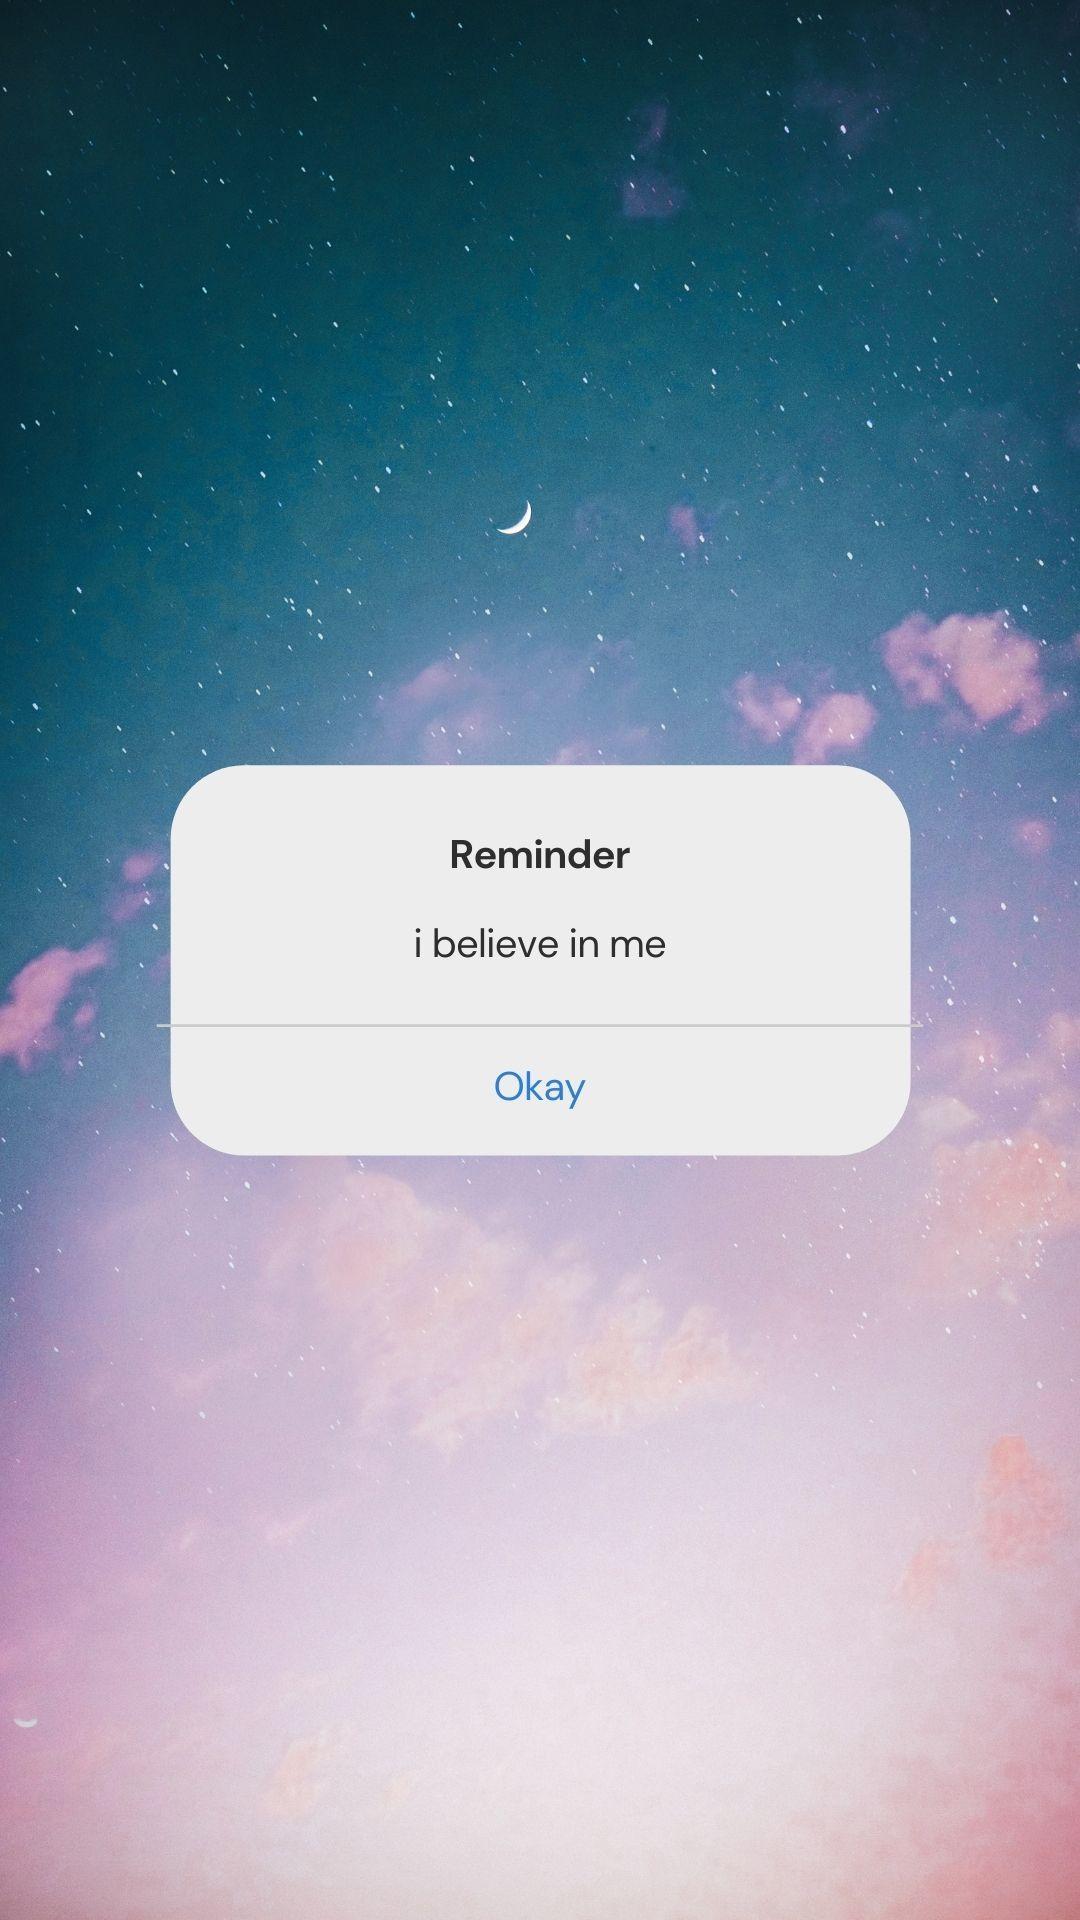 Reminder: just believe